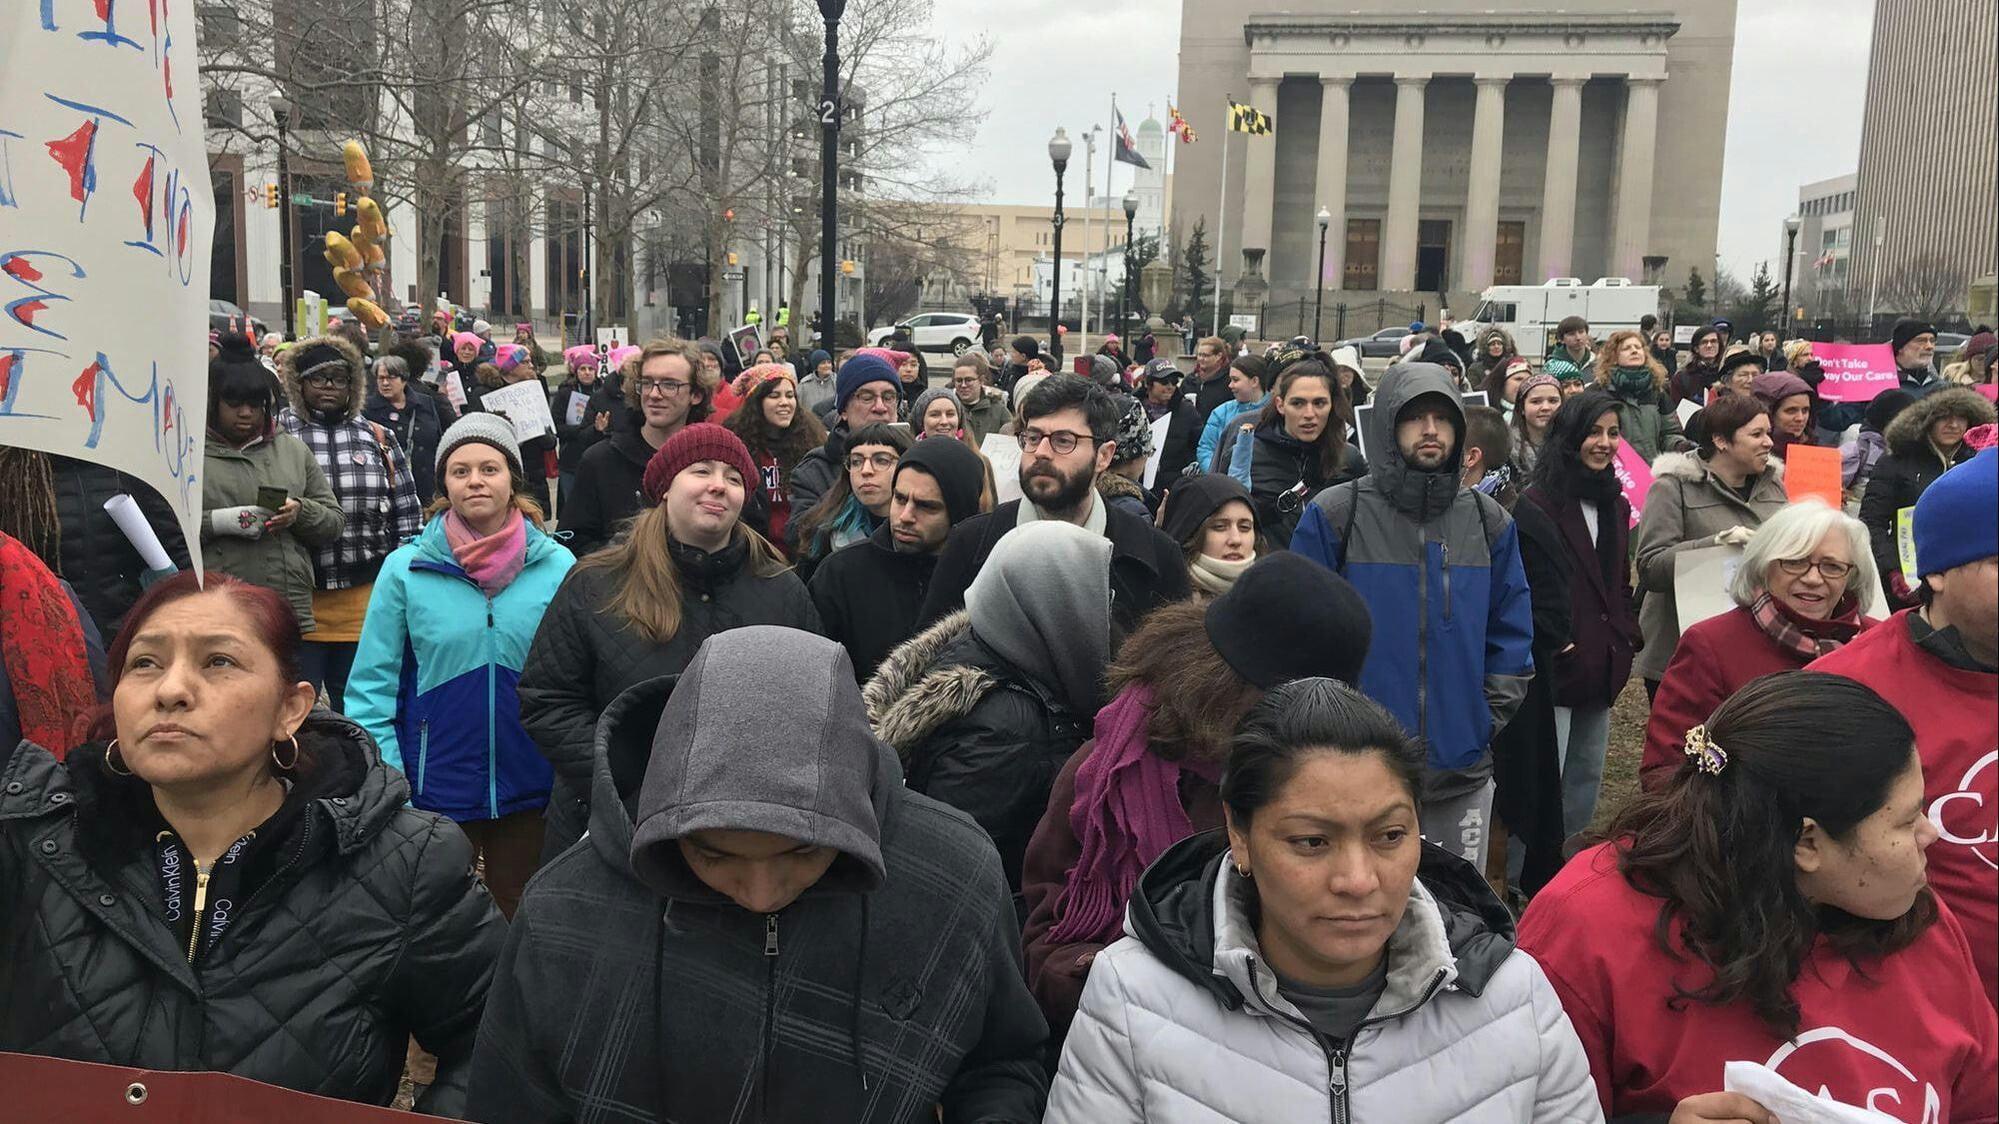 تظاهرات امریکا 4 - تصاویر/ تظاهرات صدها هزار زن امریکایی علیه ترمپ